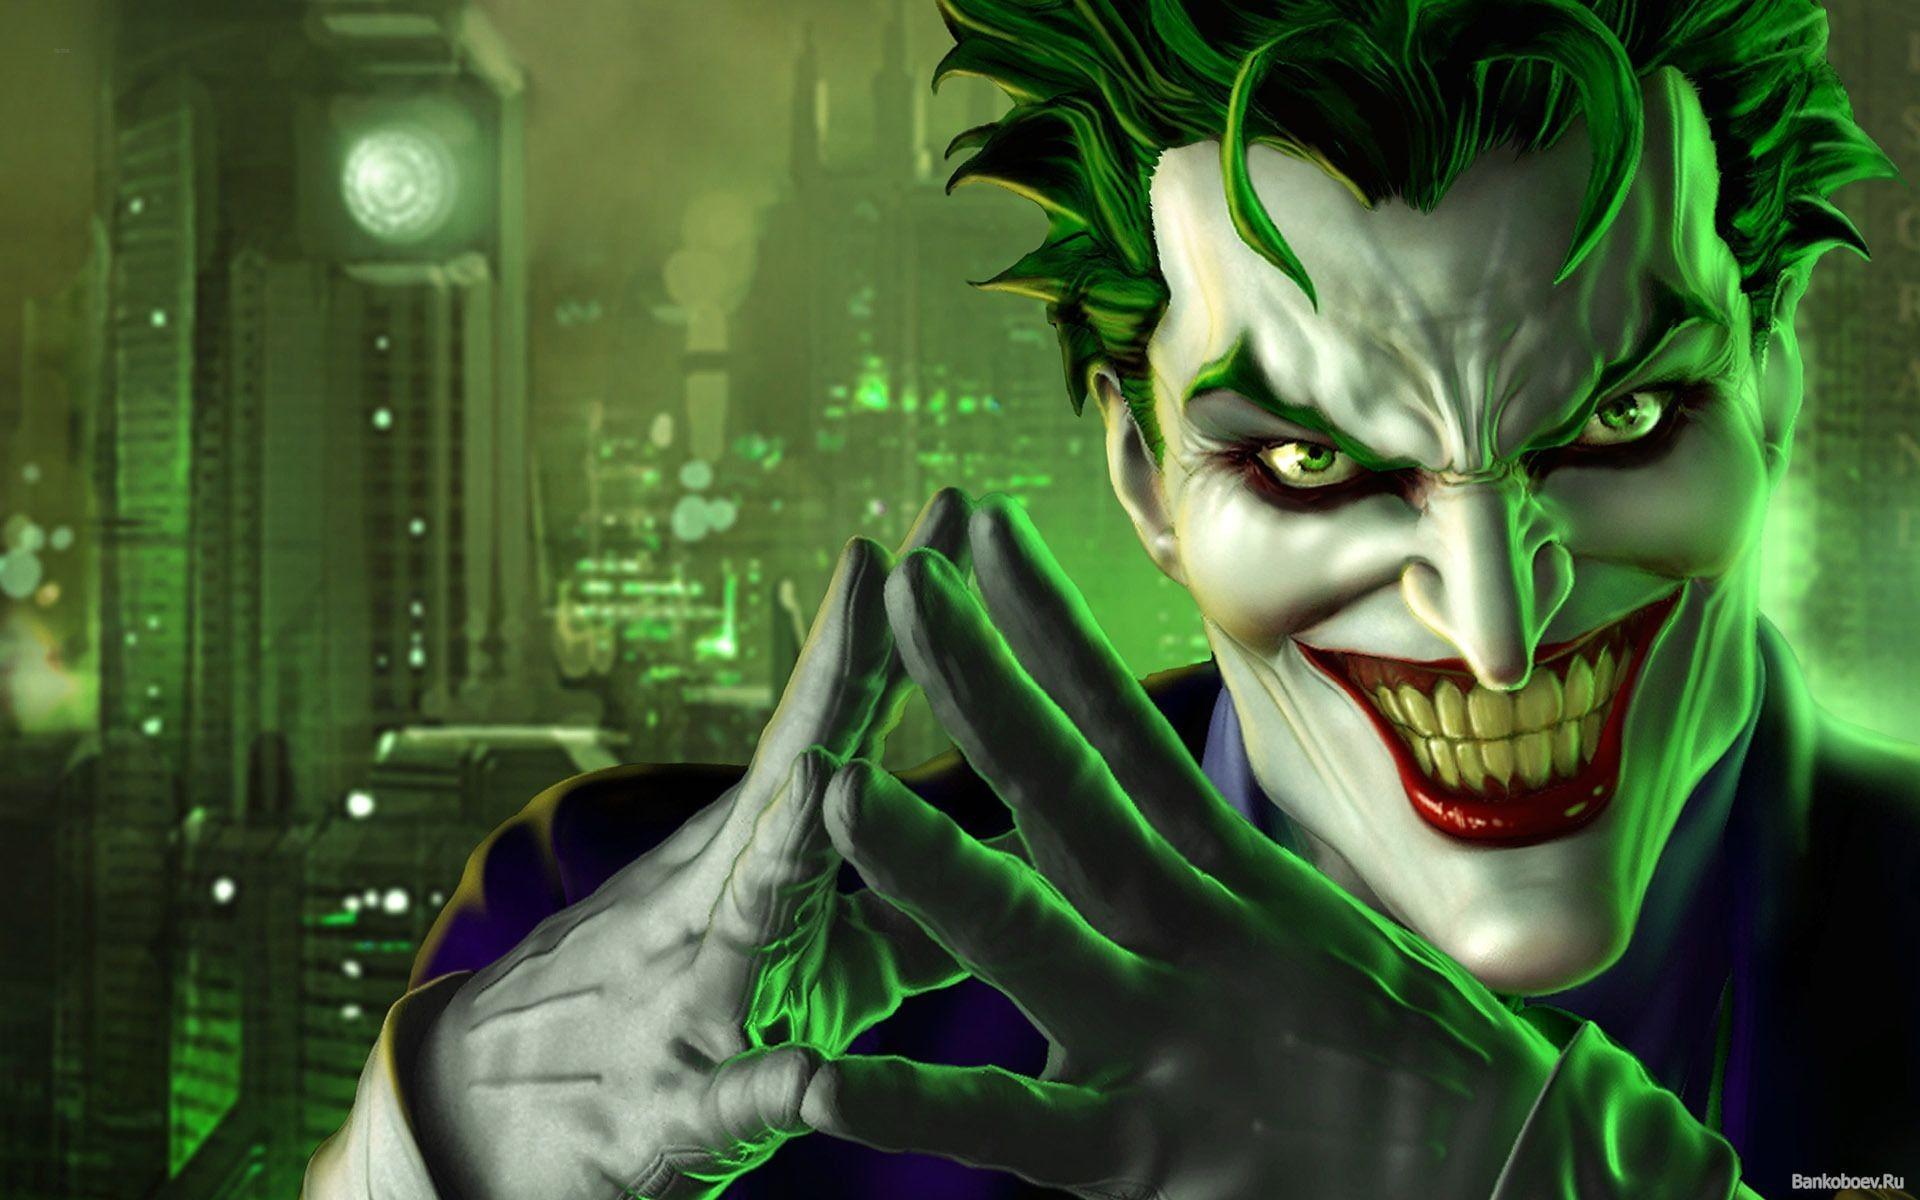 Most Inspiring Wallpaper Halloween Joker - 527677  HD_374169.jpg